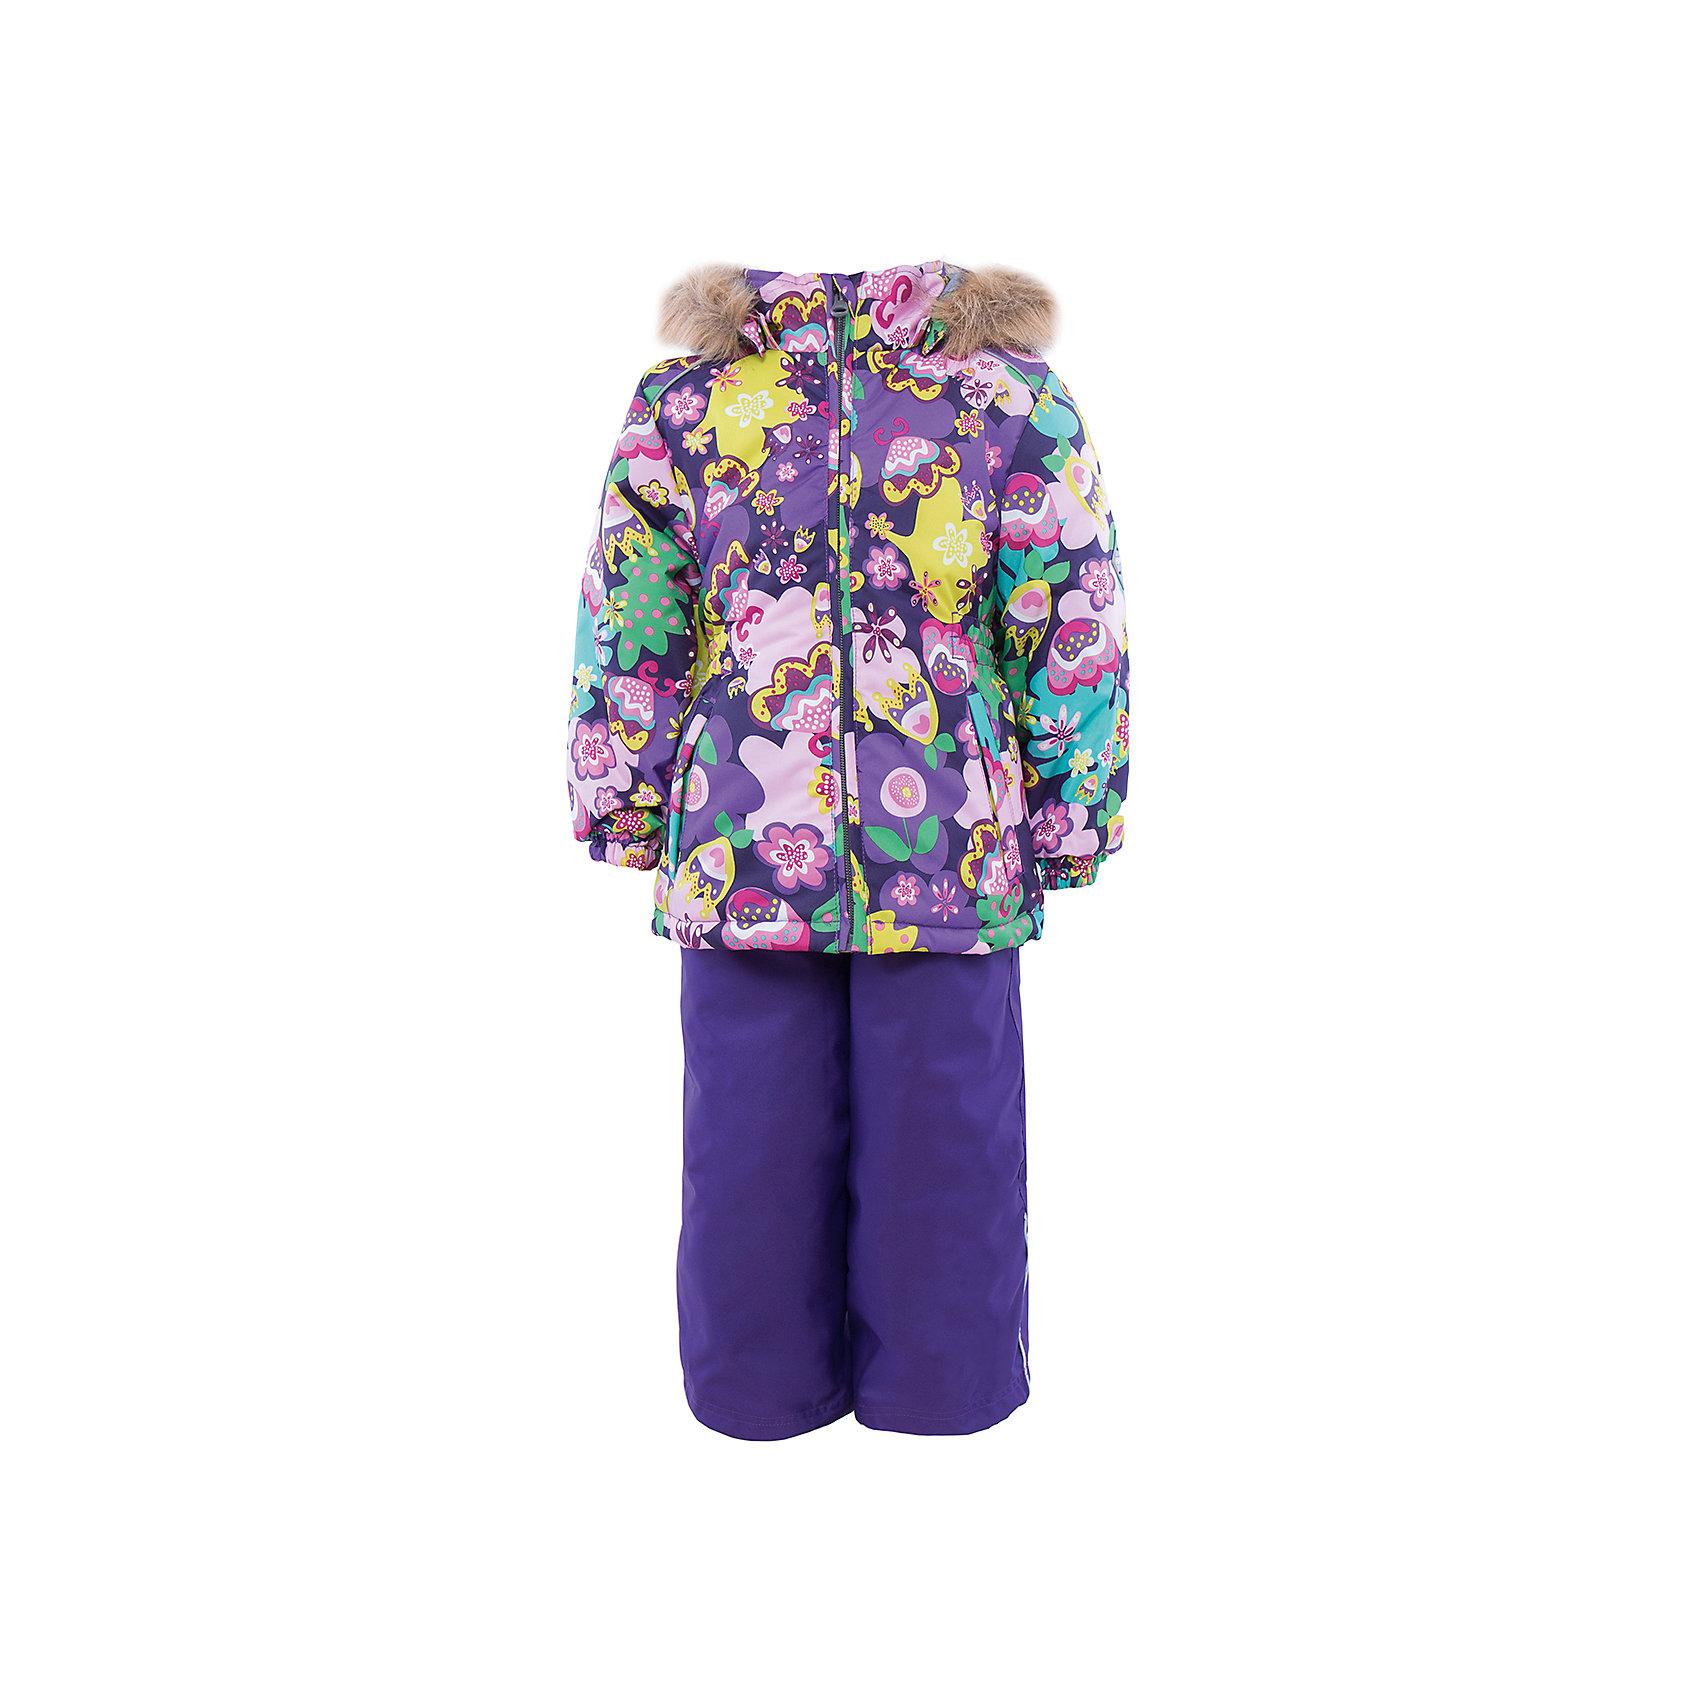 Комплект   для девочки HuppaЗимний комплект WONDER Huppa(Хуппа) состоит из  полукомбинезона и куртки. <br><br>Утеплитель: 100% полиэстер. Куртка – 300 гр., полукомбинезон – 160 гр.<br><br>Температурный режим: до -30 градусов. Степень утепления – высокая. <br><br>* Температурный режим указан приблизительно — необходимо, прежде всего, ориентироваться на ощущения ребенка. Температурный режим работает в случае соблюдения правила многослойности – использования флисовой поддевы и термобелья.<br><br>Яркая зимняя куртка с необычным дизайном изготовлена из качественных и прочных материалов. Резинки на рукавах помогут избежать попадания снега под одежду. Специальная мембрана не даст воде и холодному воздуху проникнуть под одежду и поможет избавиться от лишней влаги, выделяемой телом. Брюки на подтяжках имеют резинки на талии и манжетах. В комплекте Huppa ребенку будет тепло и комфортно!<br><br>Дополнительная информация:<br>Съемный капюшон (мех не отстегивается)<br>Шаговый шов проклеен<br>Материал: 100% полиэстер<br>Подкладка: тафта - 100% полиэстер, флис - 100% полиэстер<br>Цвет: лиловый/зеленый<br><br>Комплект WONDER Huppa(Хуппа) можно приобрести в нашем интернет-магазине.<br><br>Ширина мм: 356<br>Глубина мм: 10<br>Высота мм: 245<br>Вес г: 519<br>Цвет: фиолетовый<br>Возраст от месяцев: 18<br>Возраст до месяцев: 24<br>Пол: Женский<br>Возраст: Детский<br>Размер: 92,140,134,128,122,116,110,104,98<br>SKU: 4928862